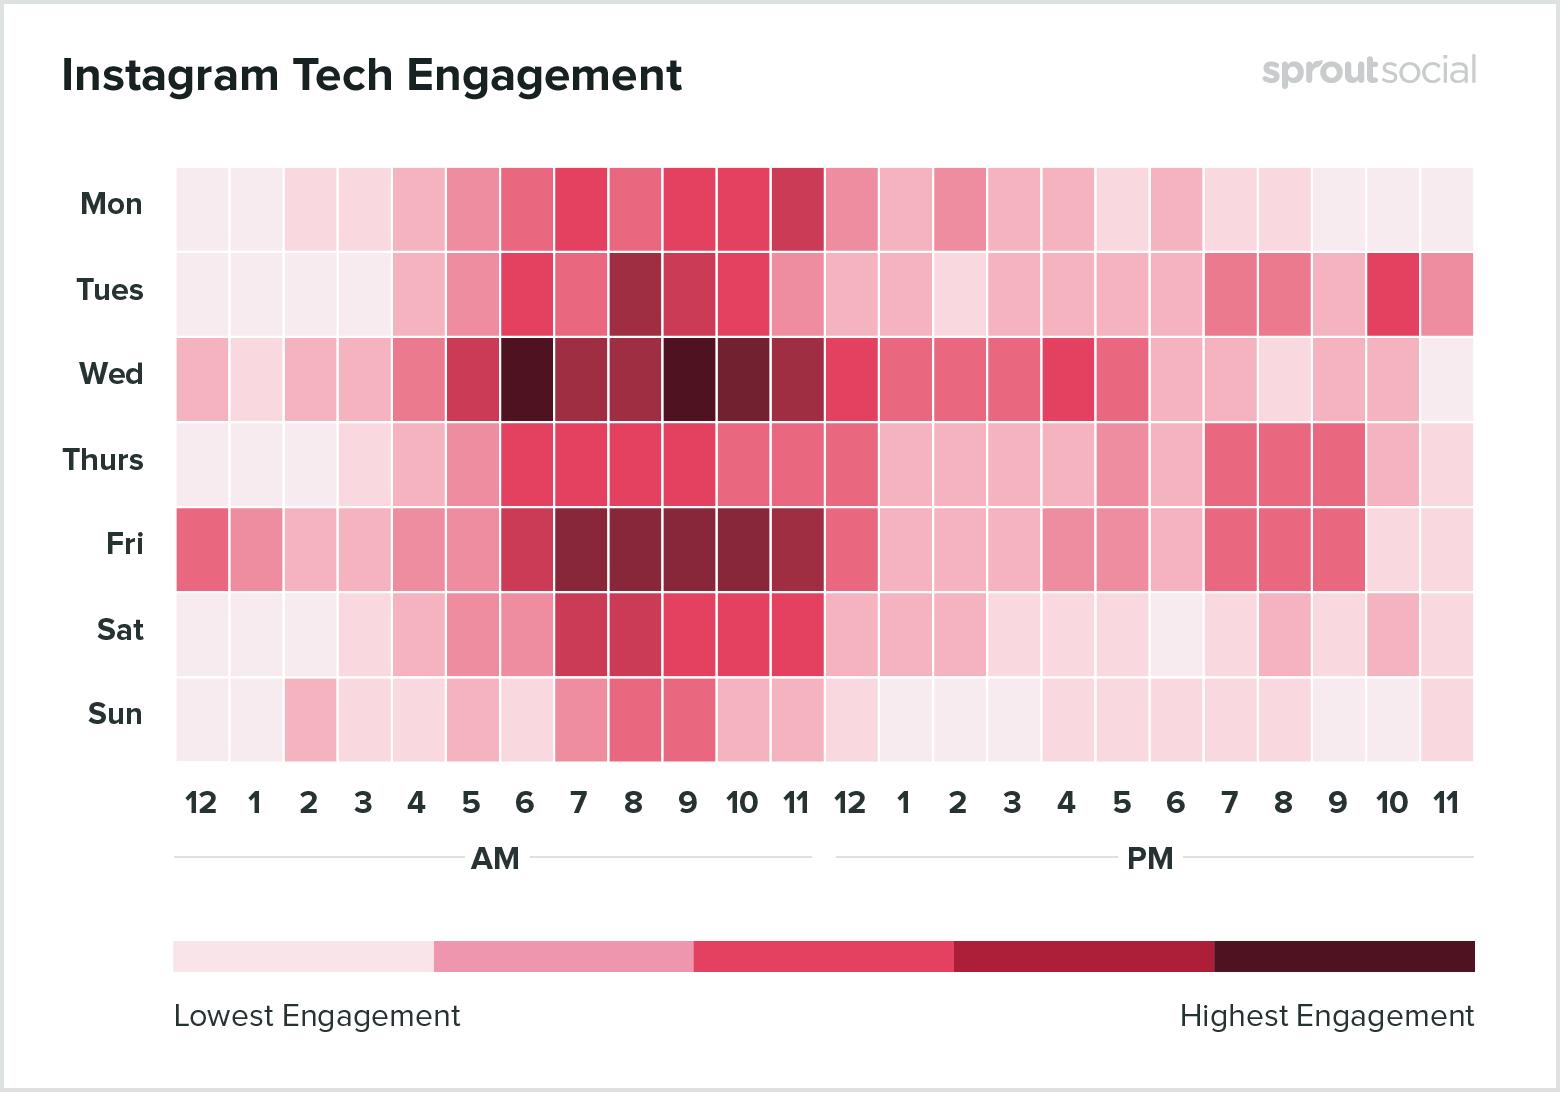 Лучшее время для публикации в Instagram для компаний, занимающихся разработкой программного обеспечения и развитием технологий - данные на 2020 год